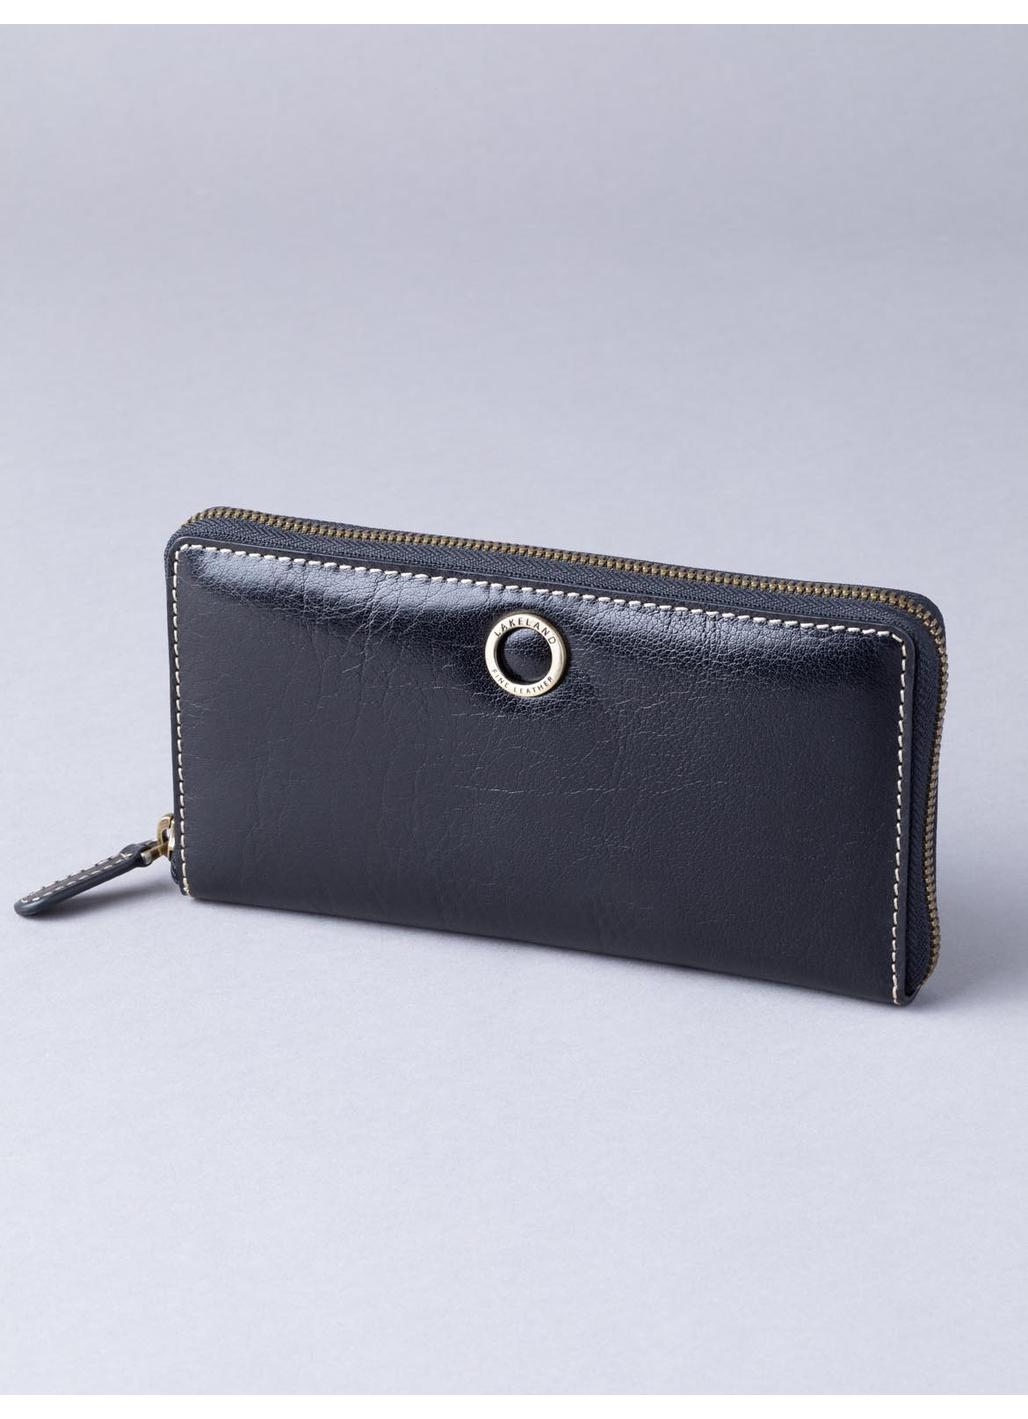 Birthwaite Leather Purse in Black